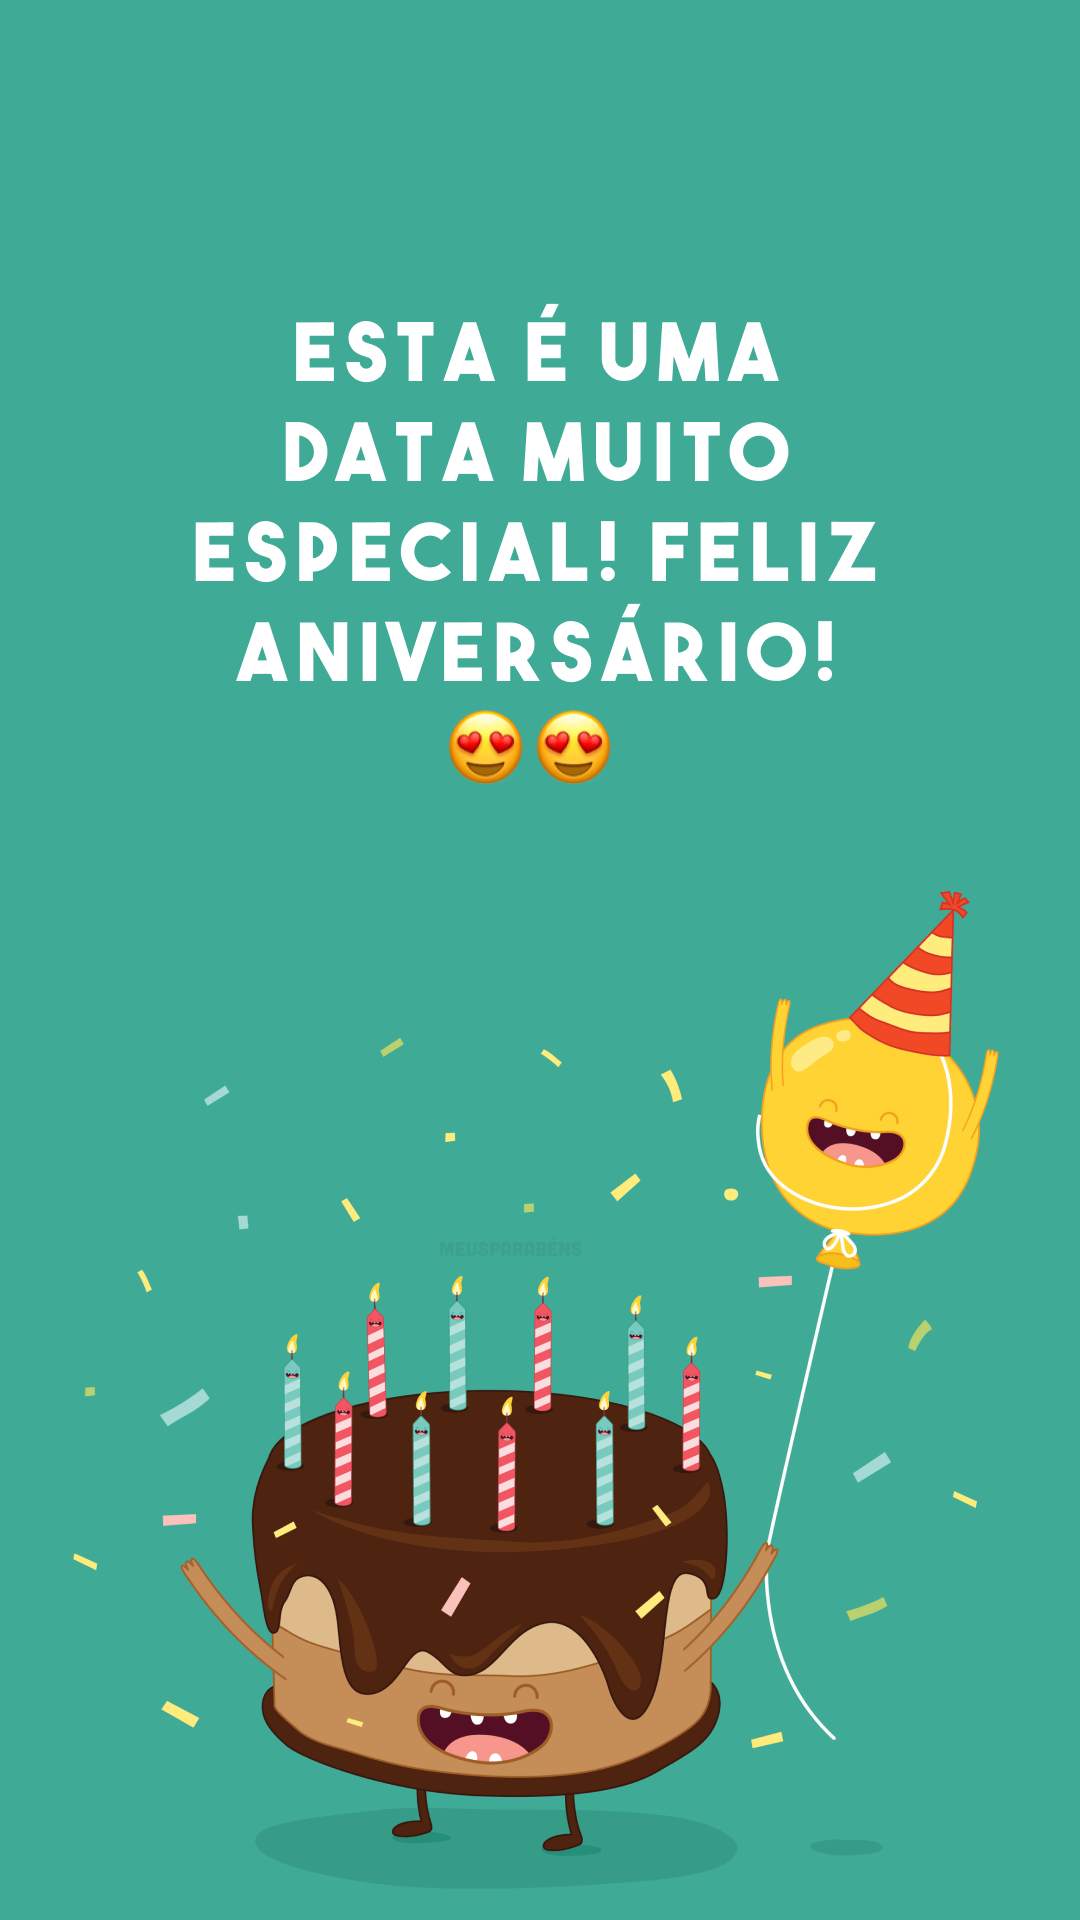 Esta é uma data muito especial! Feliz aniversário! 😍😍<br />